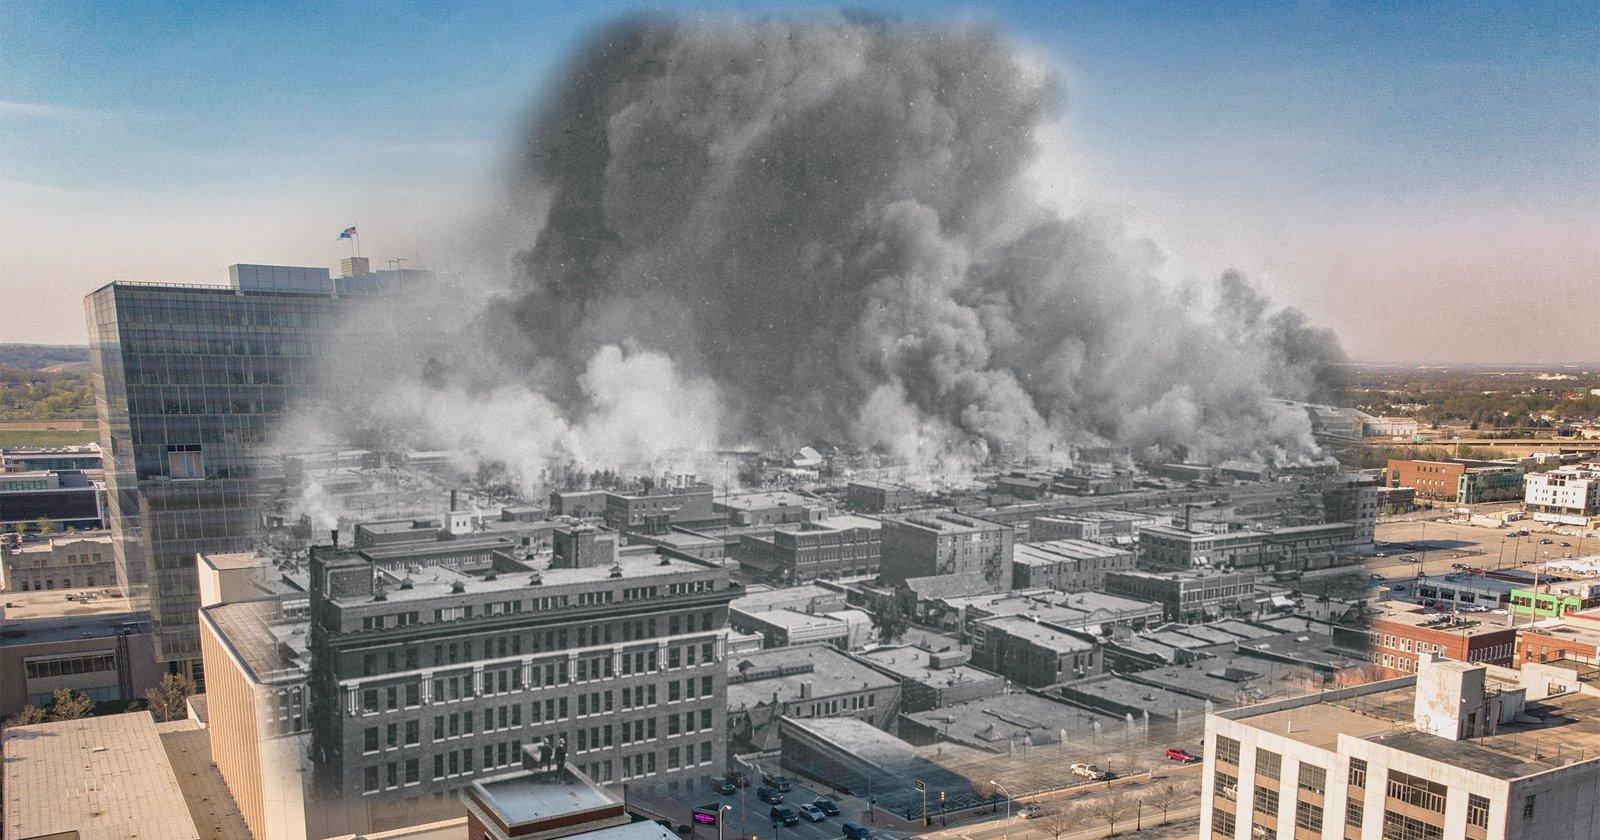 Le foto di 'Time Travel' onorano il 100 ° anniversario del massacro della gara di Tulsa